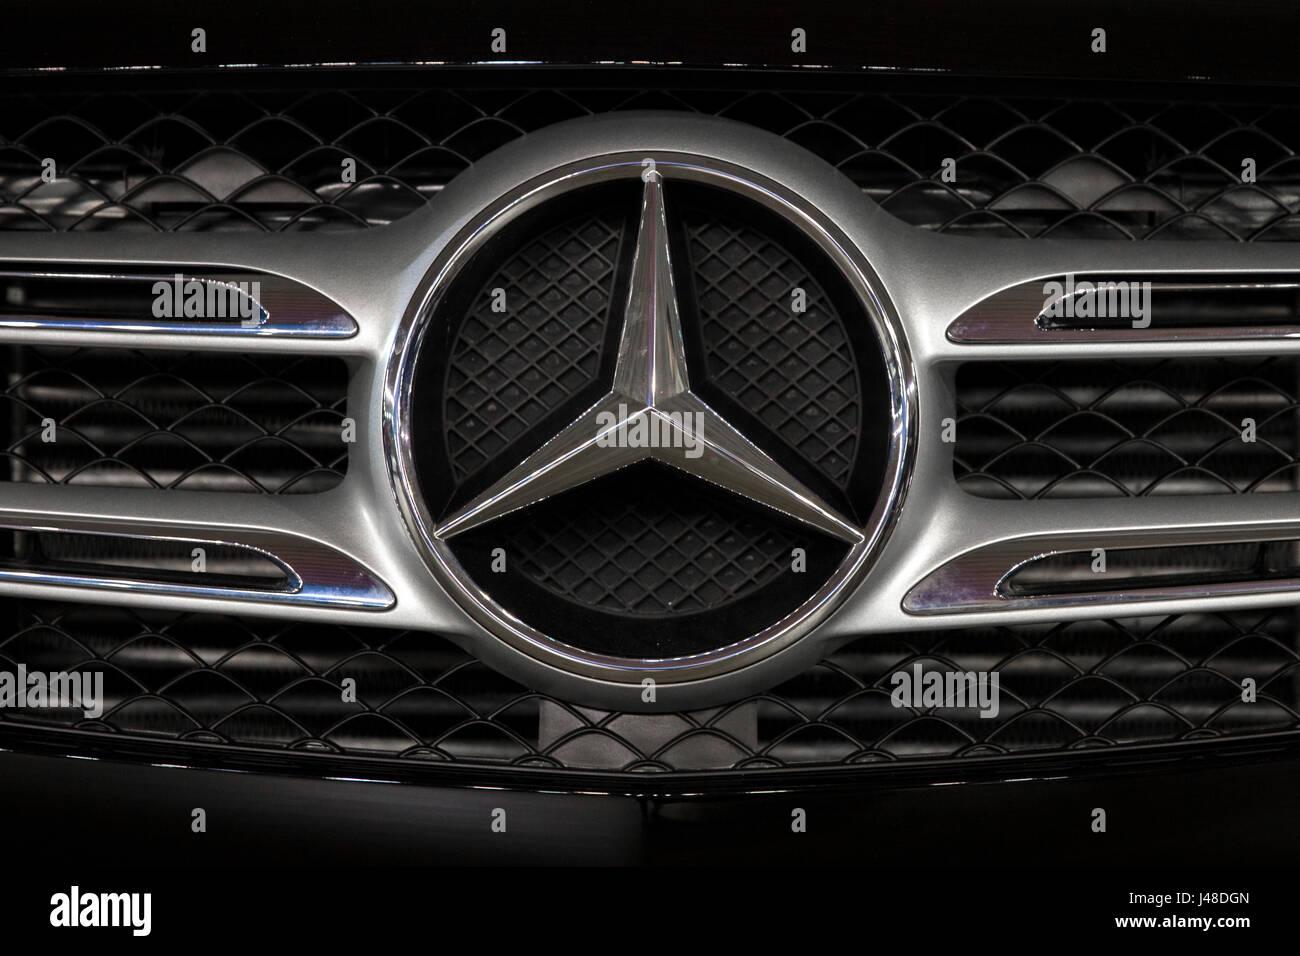 Daimler Benz Ag Stock Photos Daimler Benz Ag Stock Images Alamy